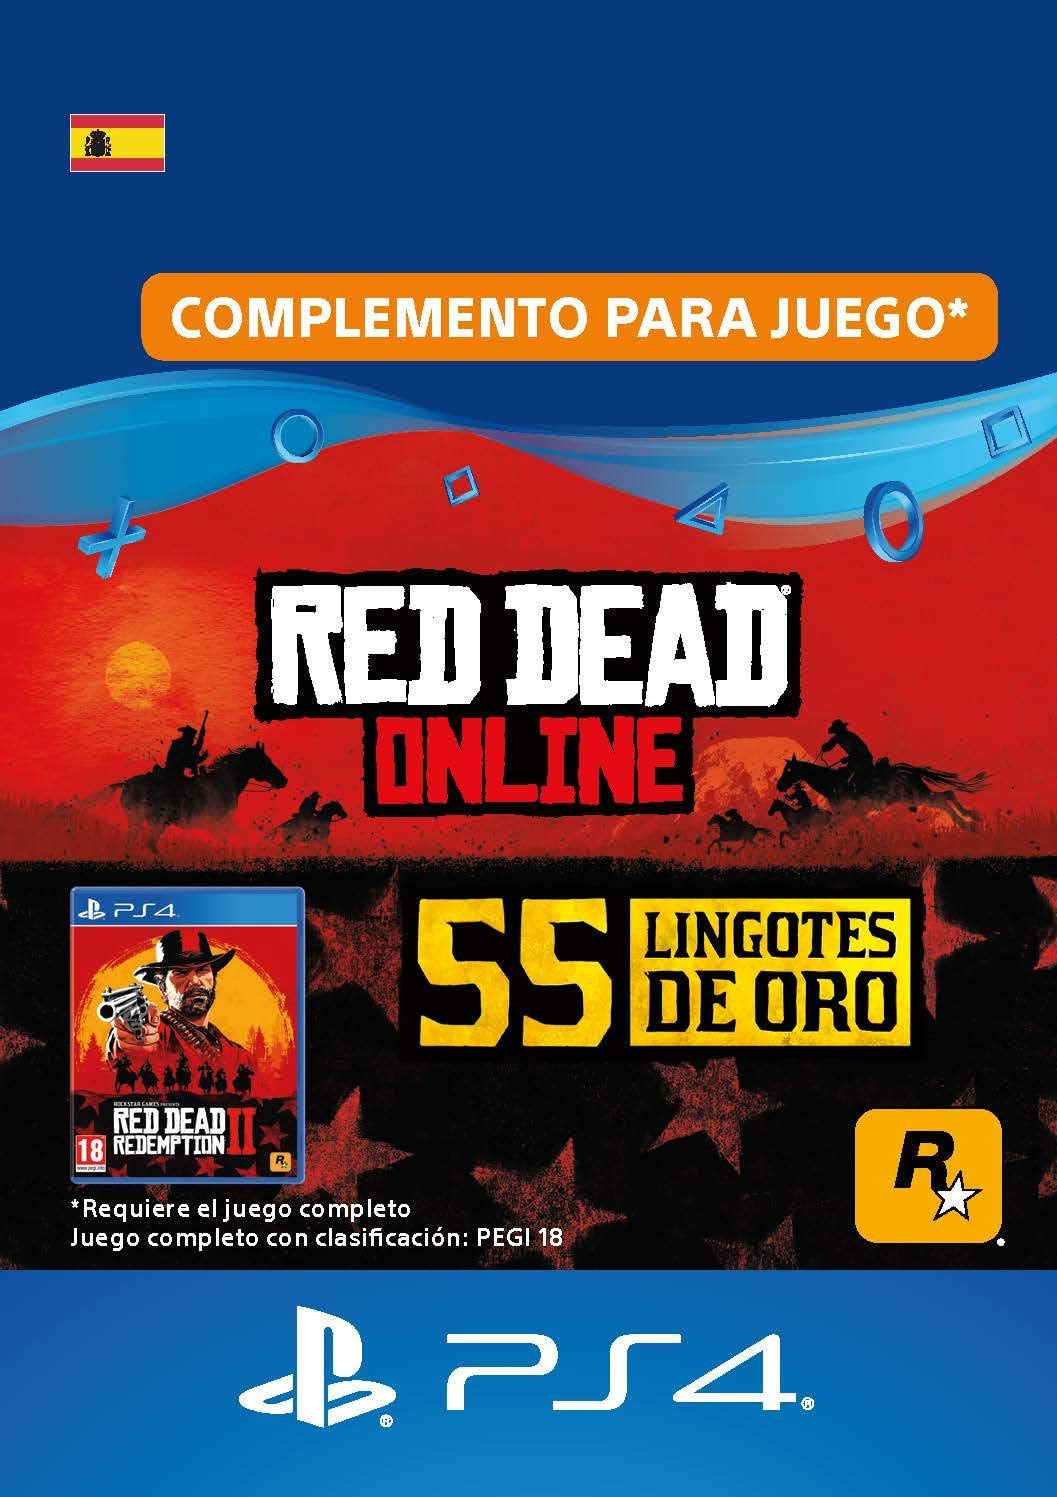 245 lingotes de oro en Red Dead Online - 245 lingotes de oro DLC | Código de descarga de PS4 - Cuenta ES: Amazon.es: Videojuegos